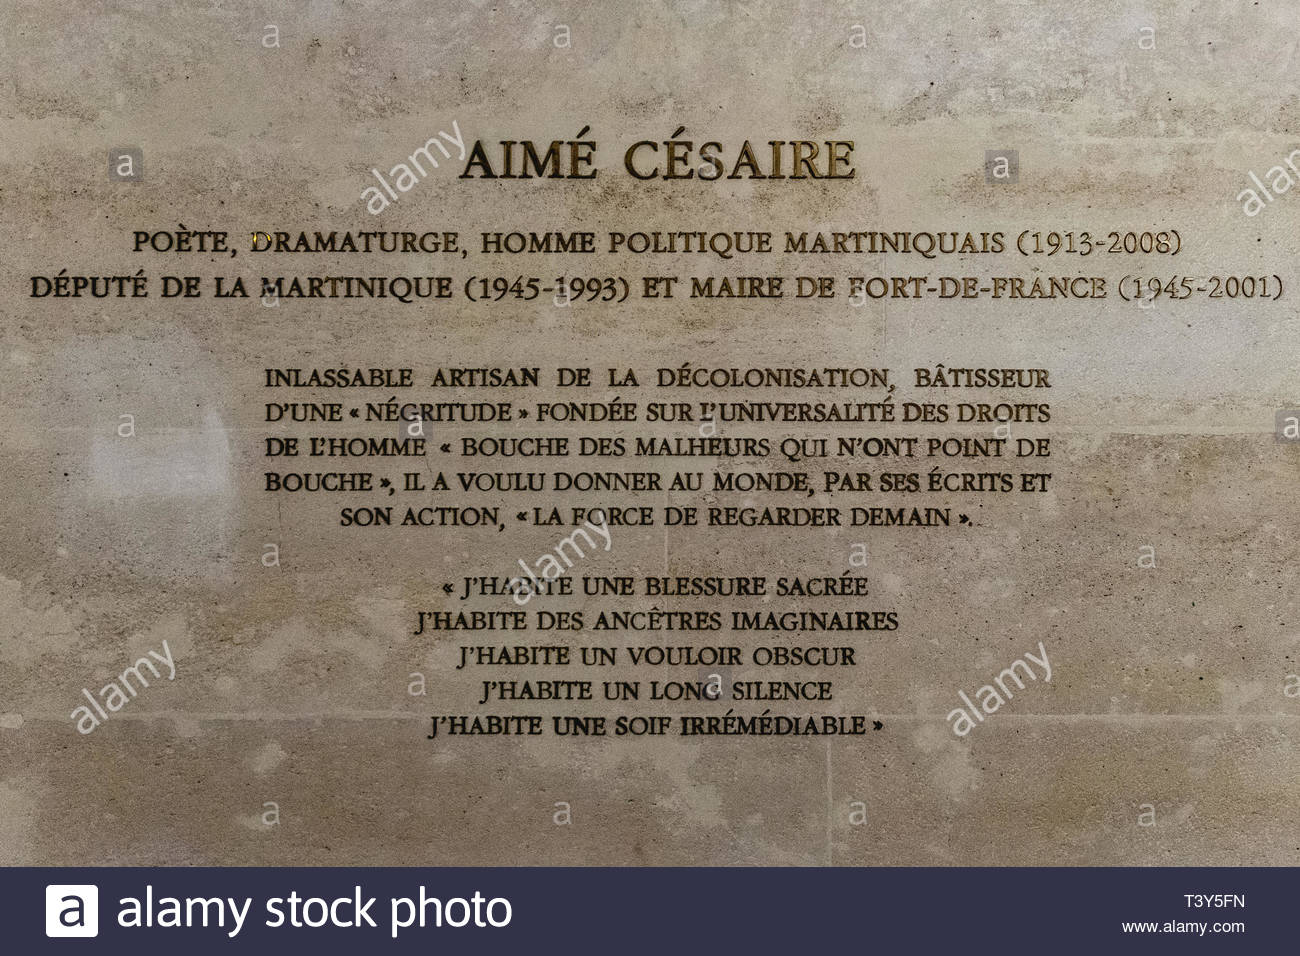 Homenaje A Aimé Césaire En El Panteón El 29 De Agosto De